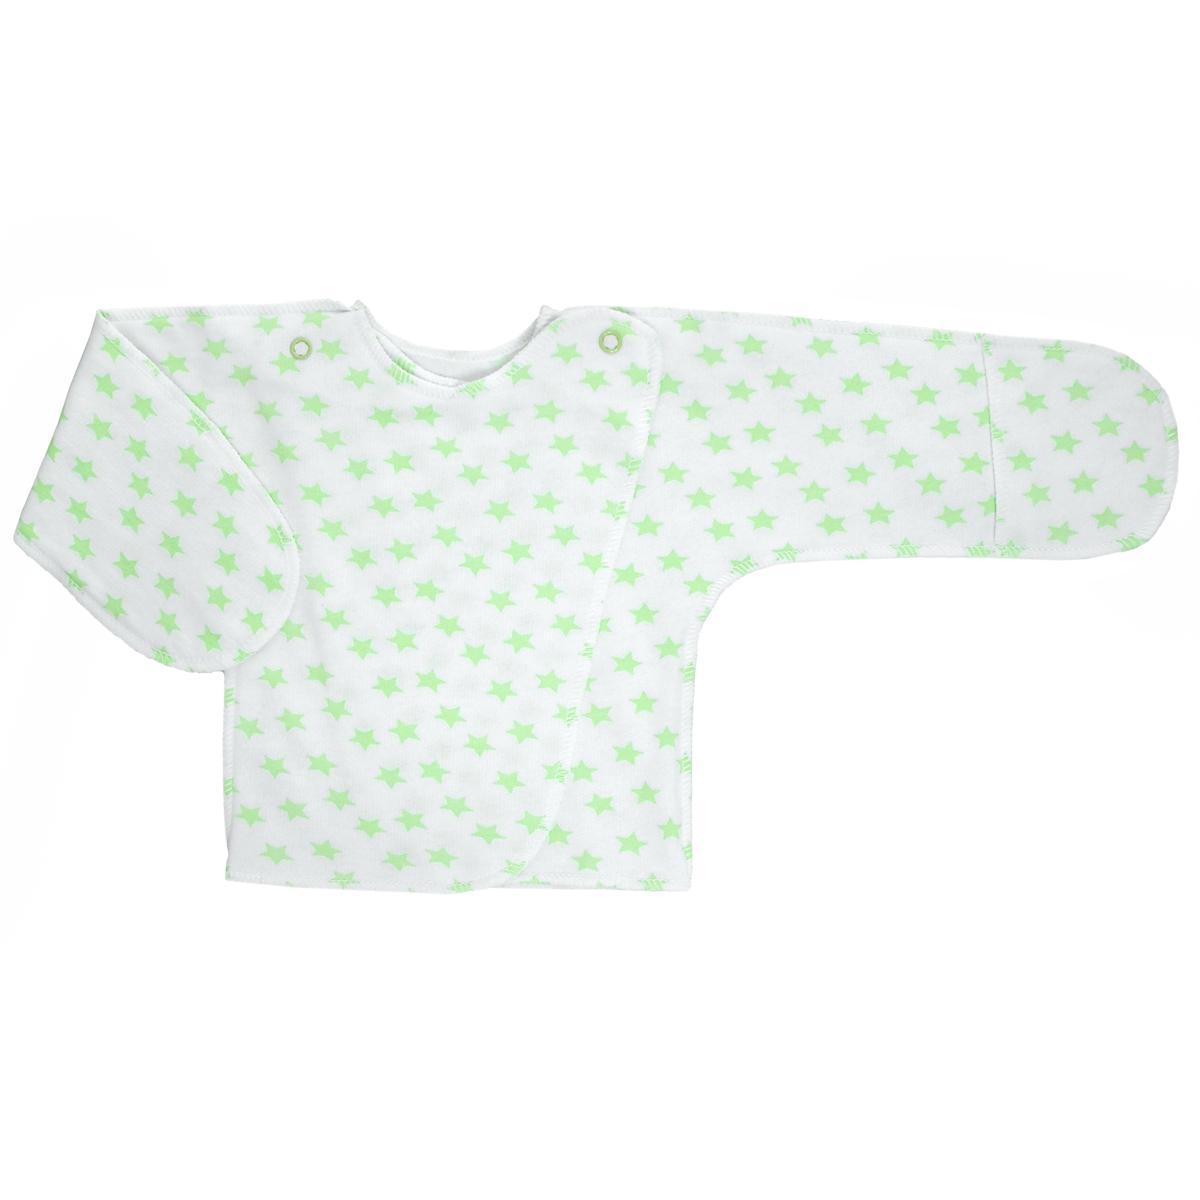 Распашонка Трон-Плюс, цвет: белый, салатовый, рисунок звезды. 5023. Размер 62, 3 месяца5023Распашонка с закрытыми ручками Трон-плюс послужит идеальным дополнением к гардеробу младенца. Распашонка, выполненная швами наружу, изготовлена из футера - натурального плотного хлопка, благодаря чему она необычайно мягкая, легкая и теплая, не раздражает нежную кожу ребенка и хорошо вентилируется, а эластичные швы приятны телу младенца и не препятствуют его движениям. Распашонка с запахом, застегивается при помощи двух кнопок на плечах, которые позволяют без труда переодеть ребенка. Благодаря рукавичкам ребенок не поцарапает себя.